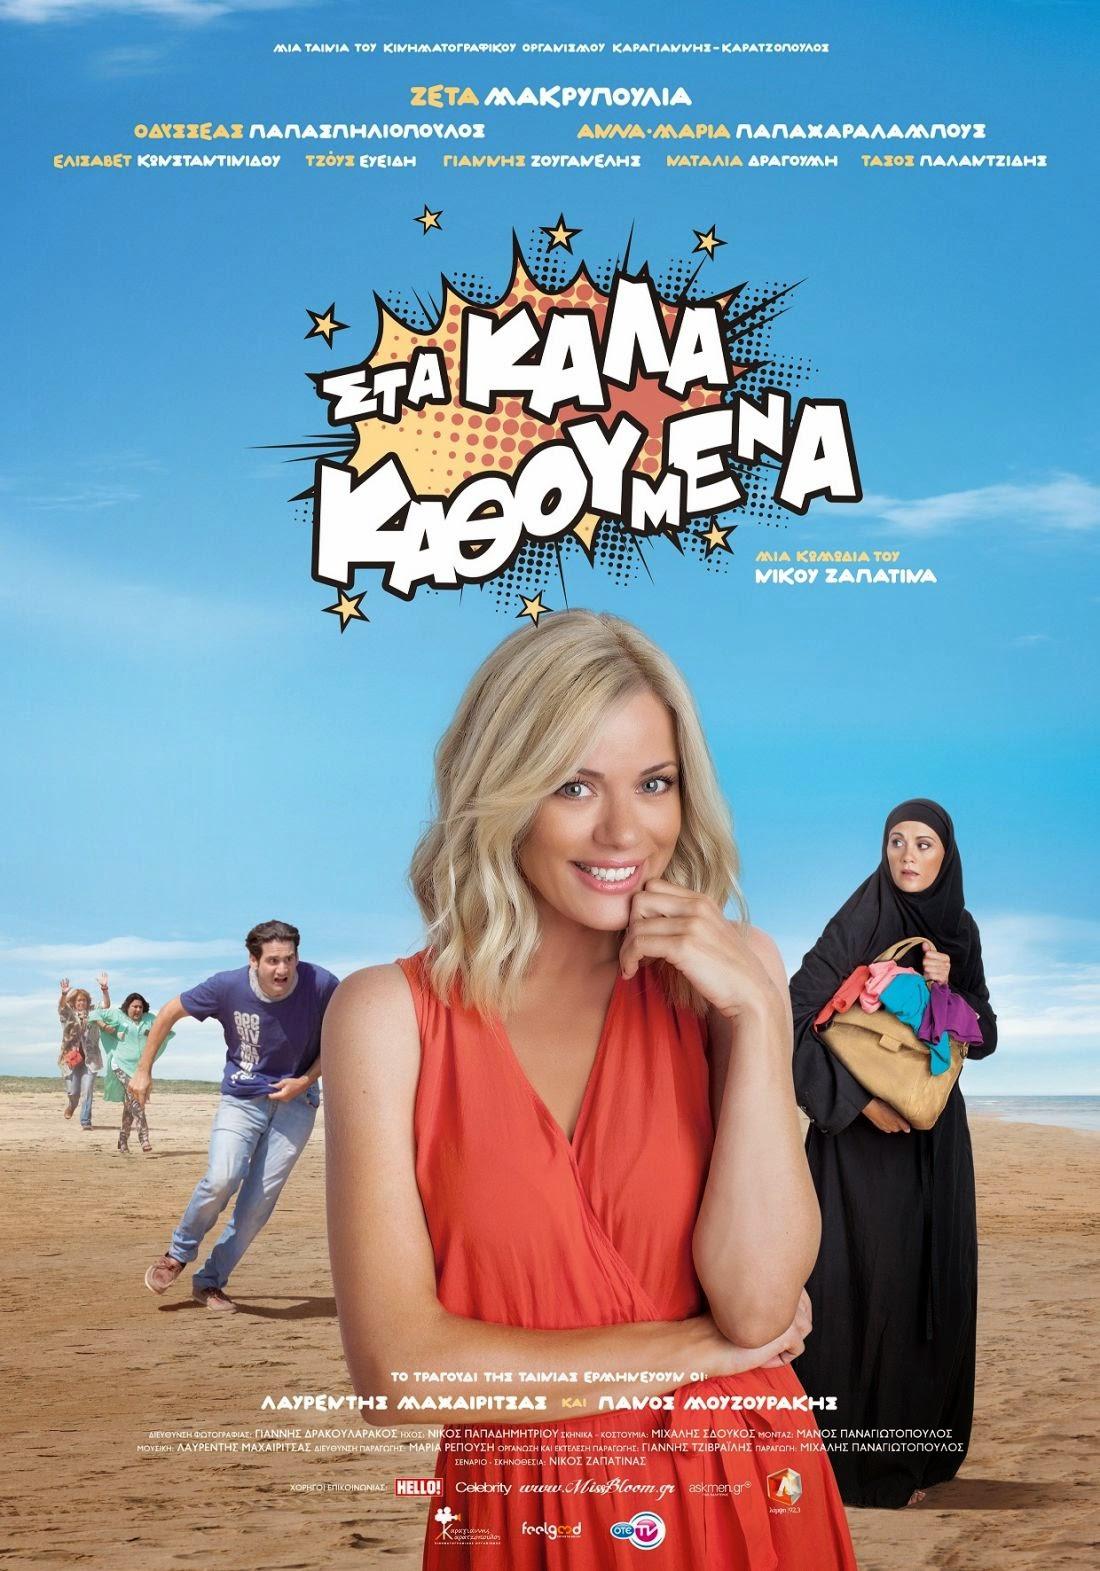 Sta kala kathoumena -  Στα καλα καθουμενα (2014) ταινιες online seires oipeirates greek subs